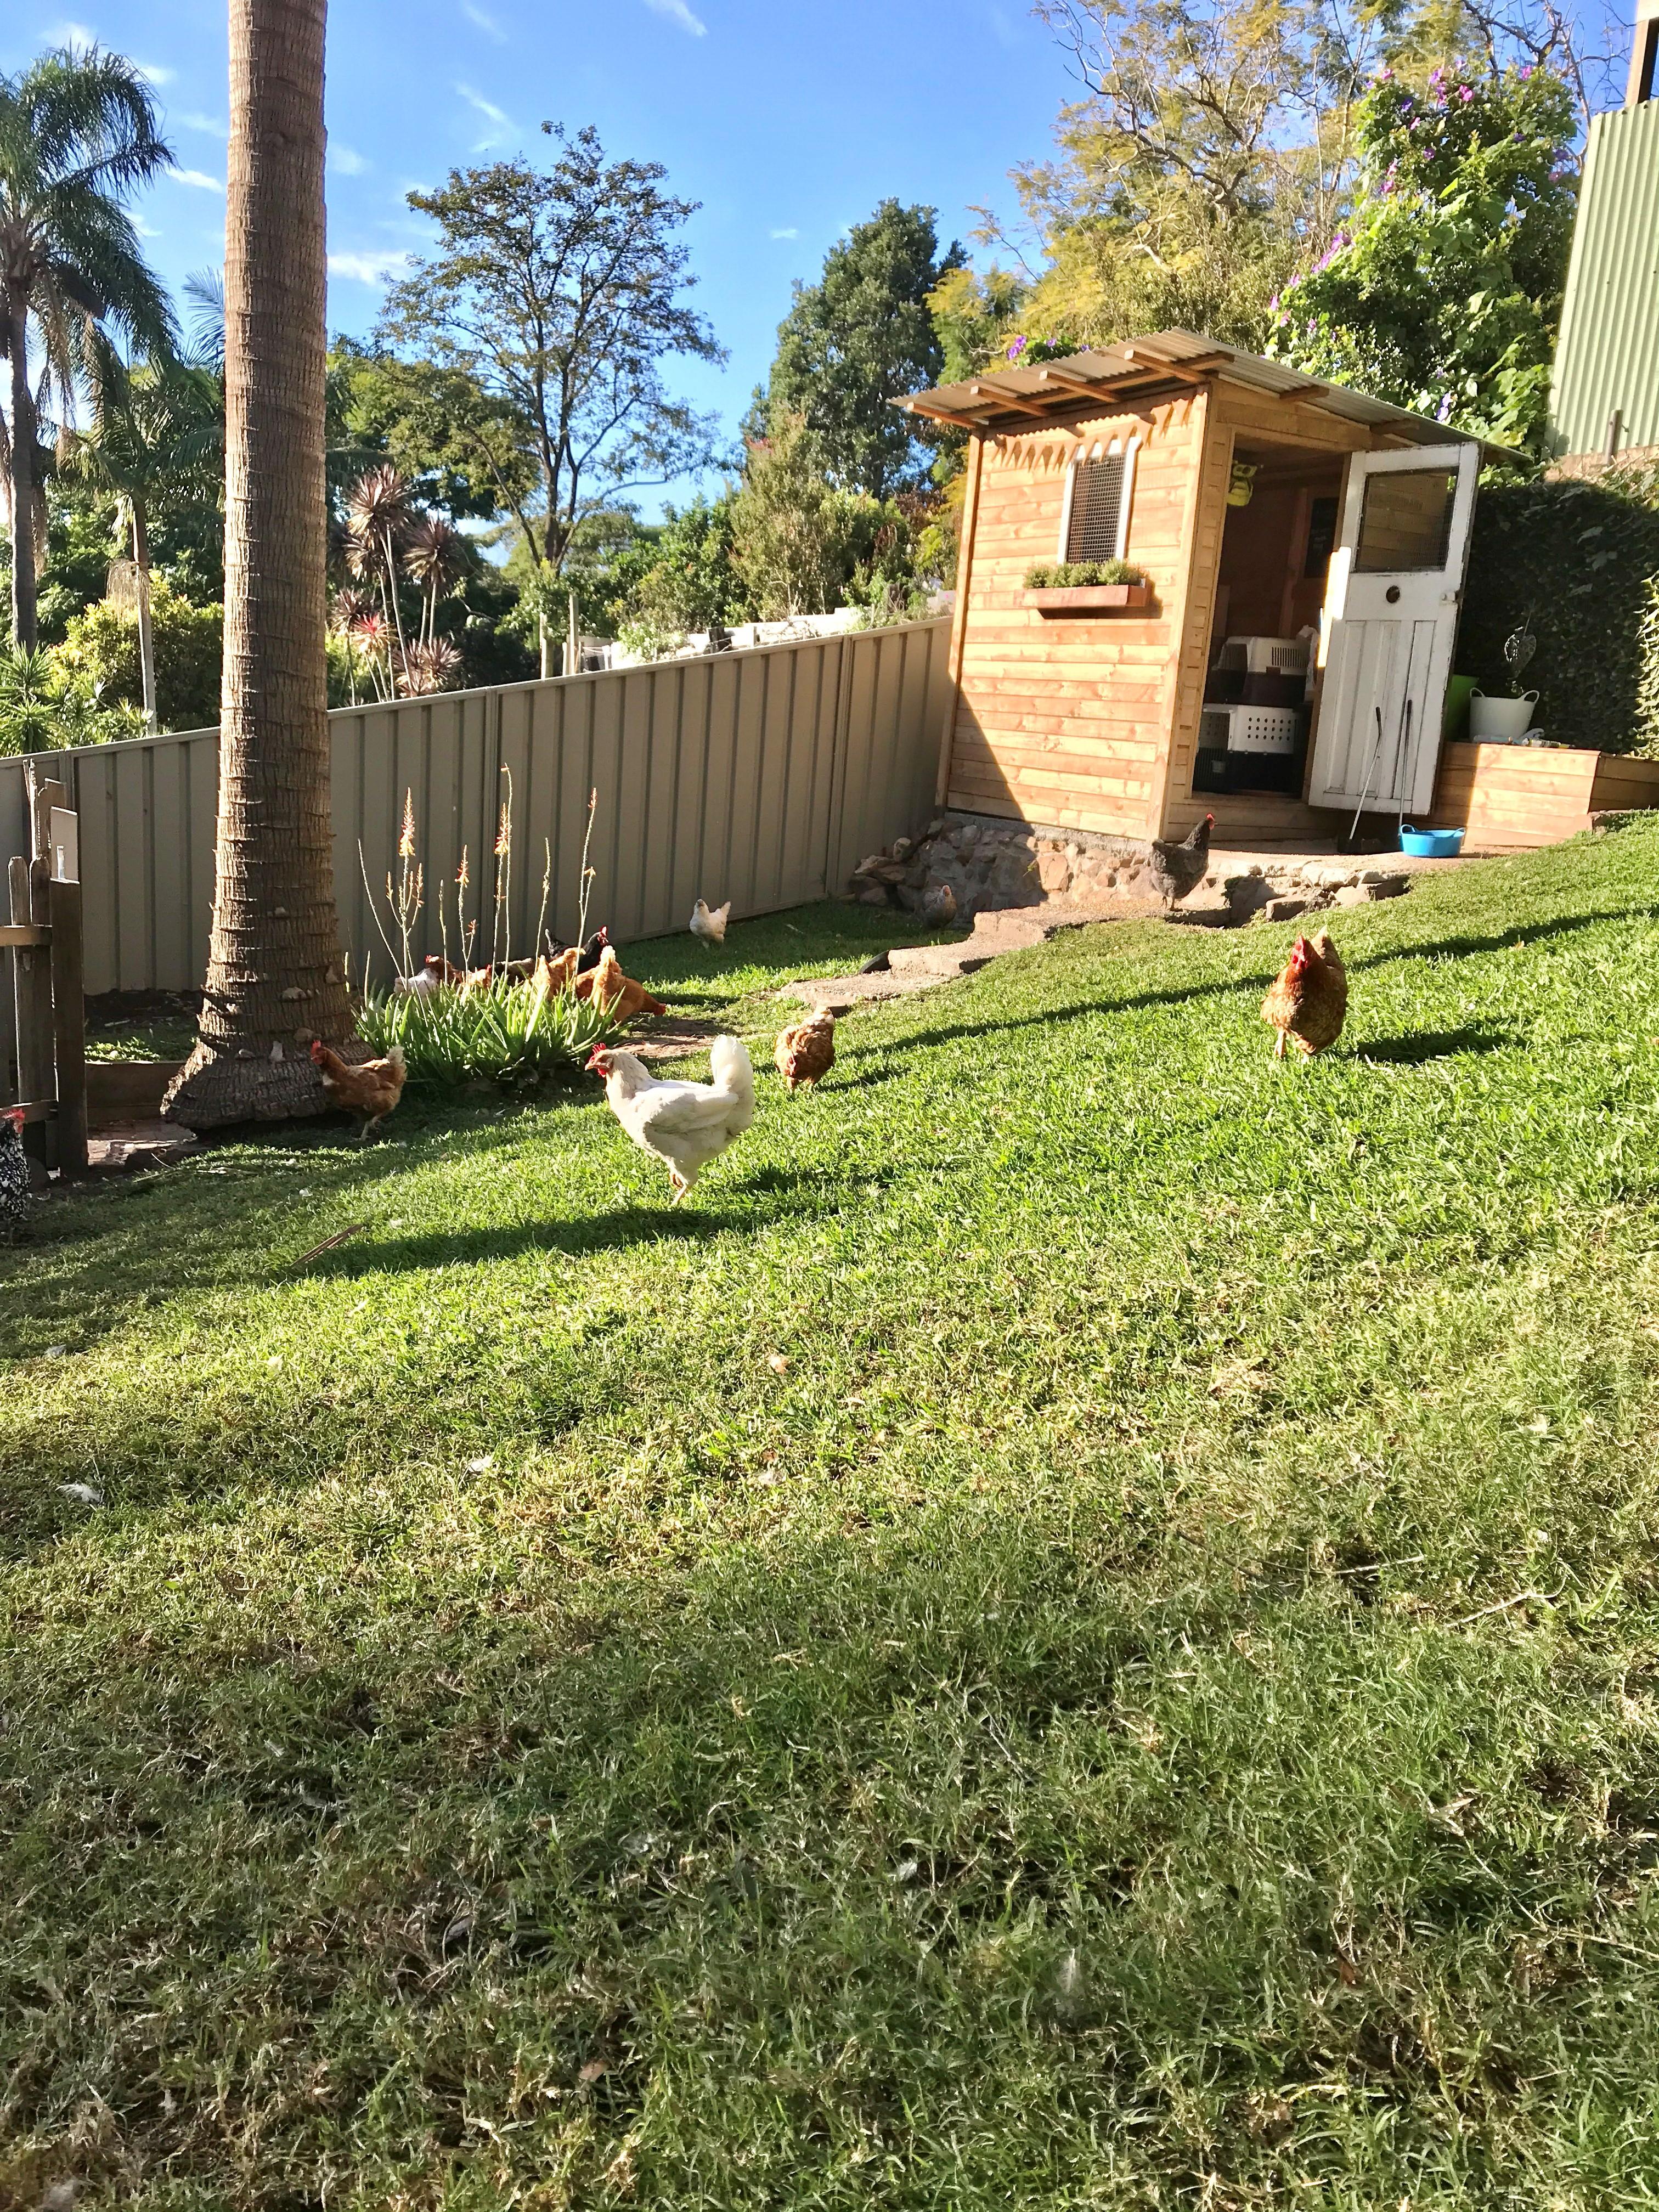 Yard Chickens 1